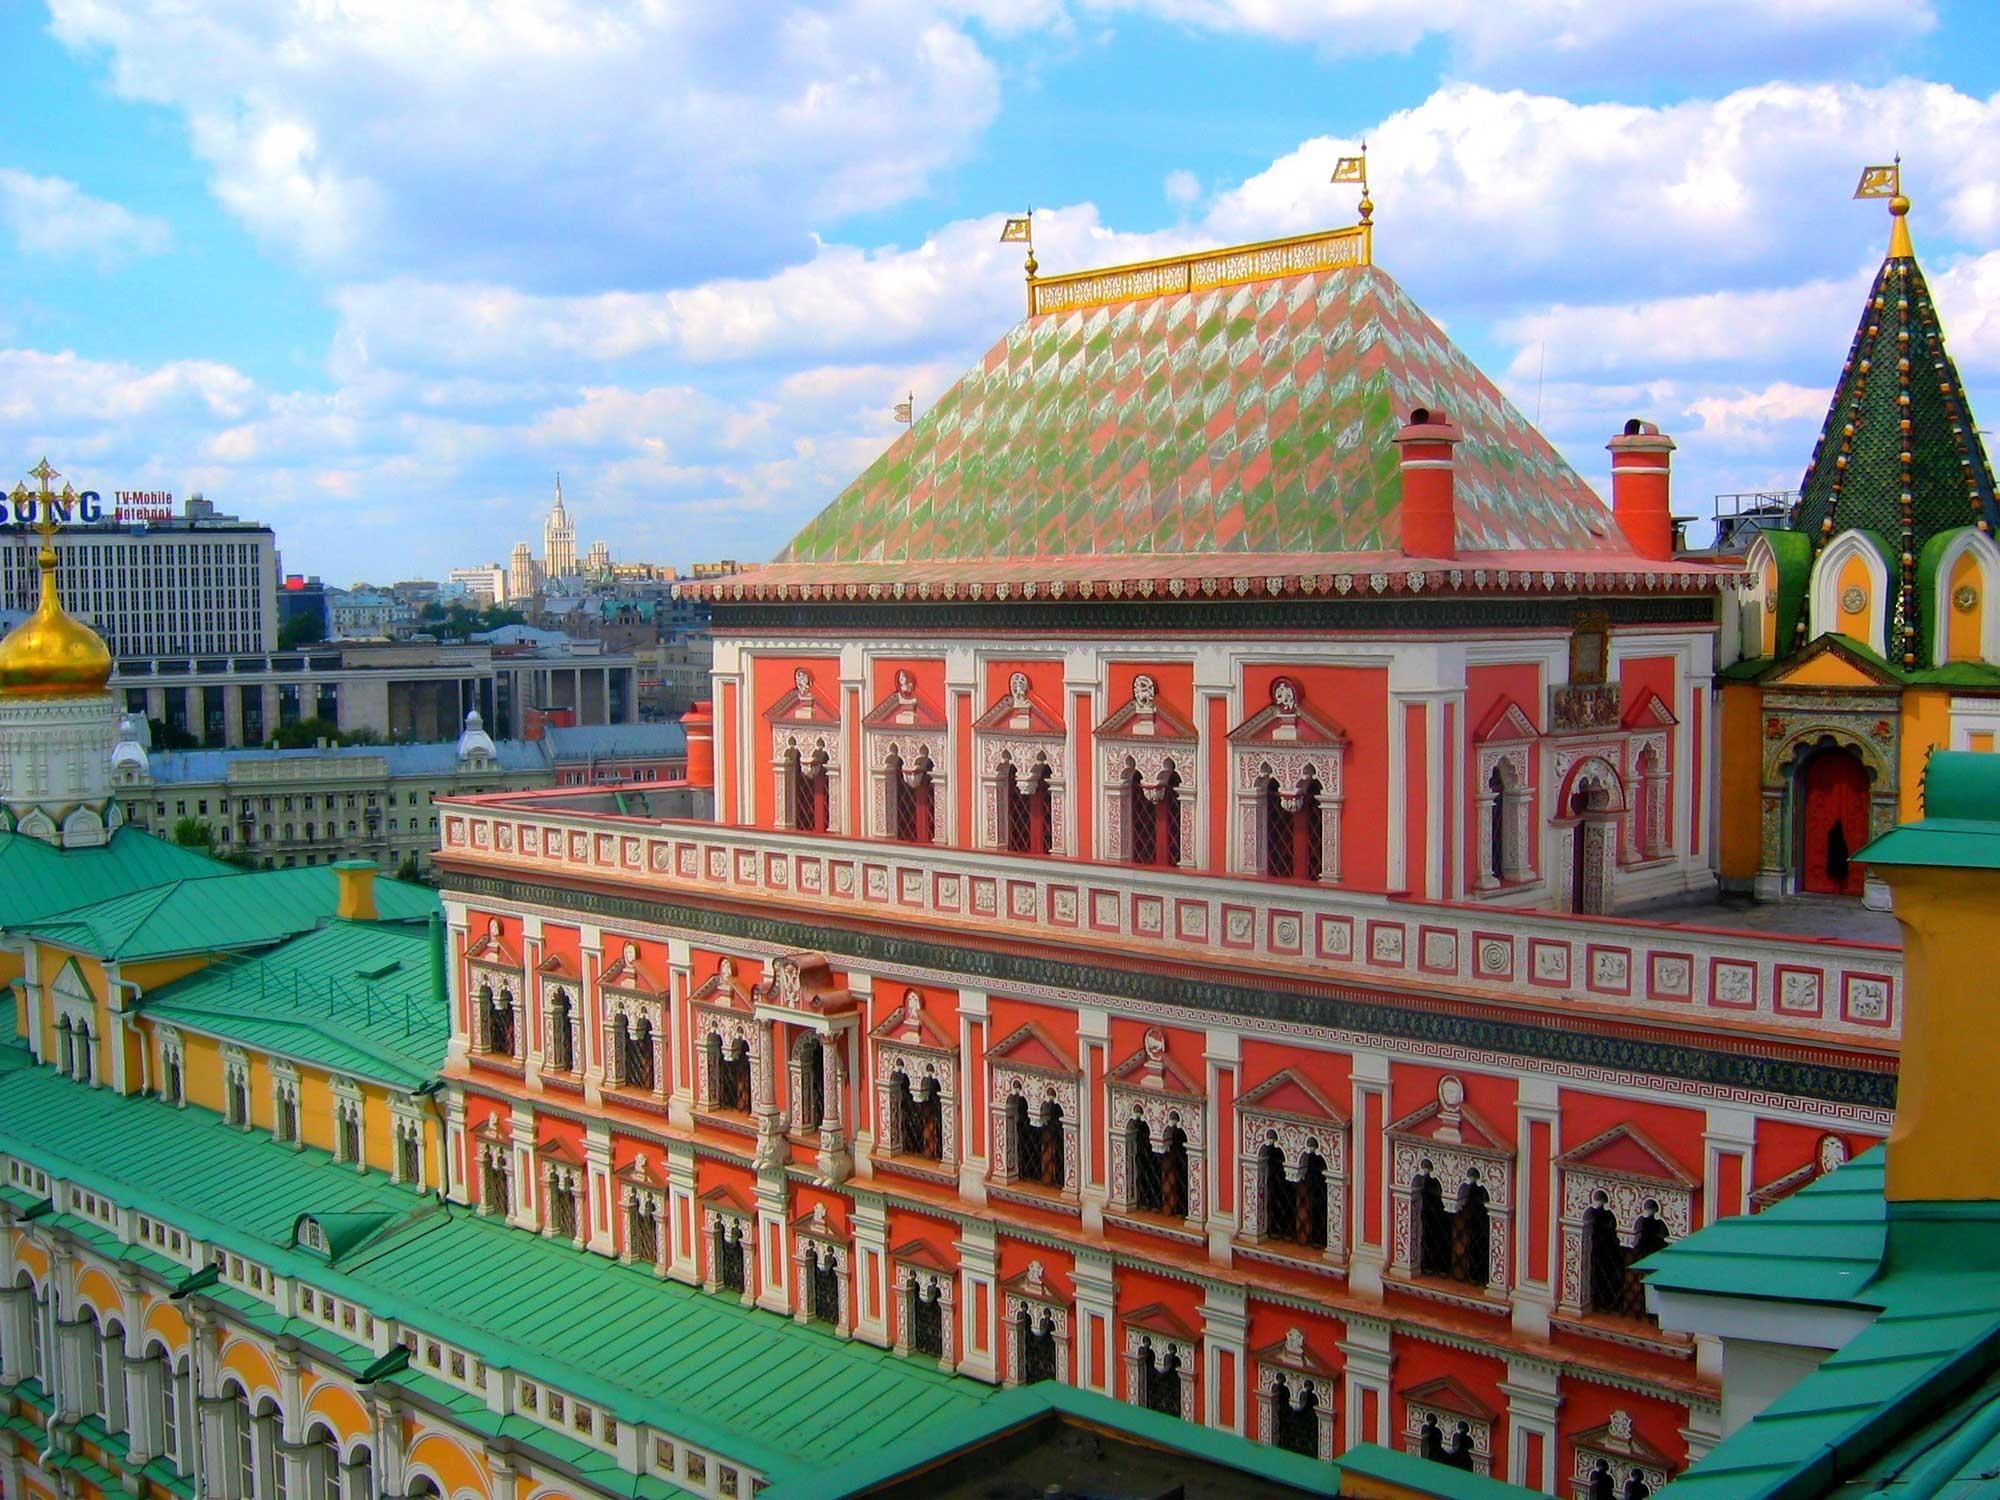 база новостроек теремной дворец московского кремля 17 век фото область Новошахтинск